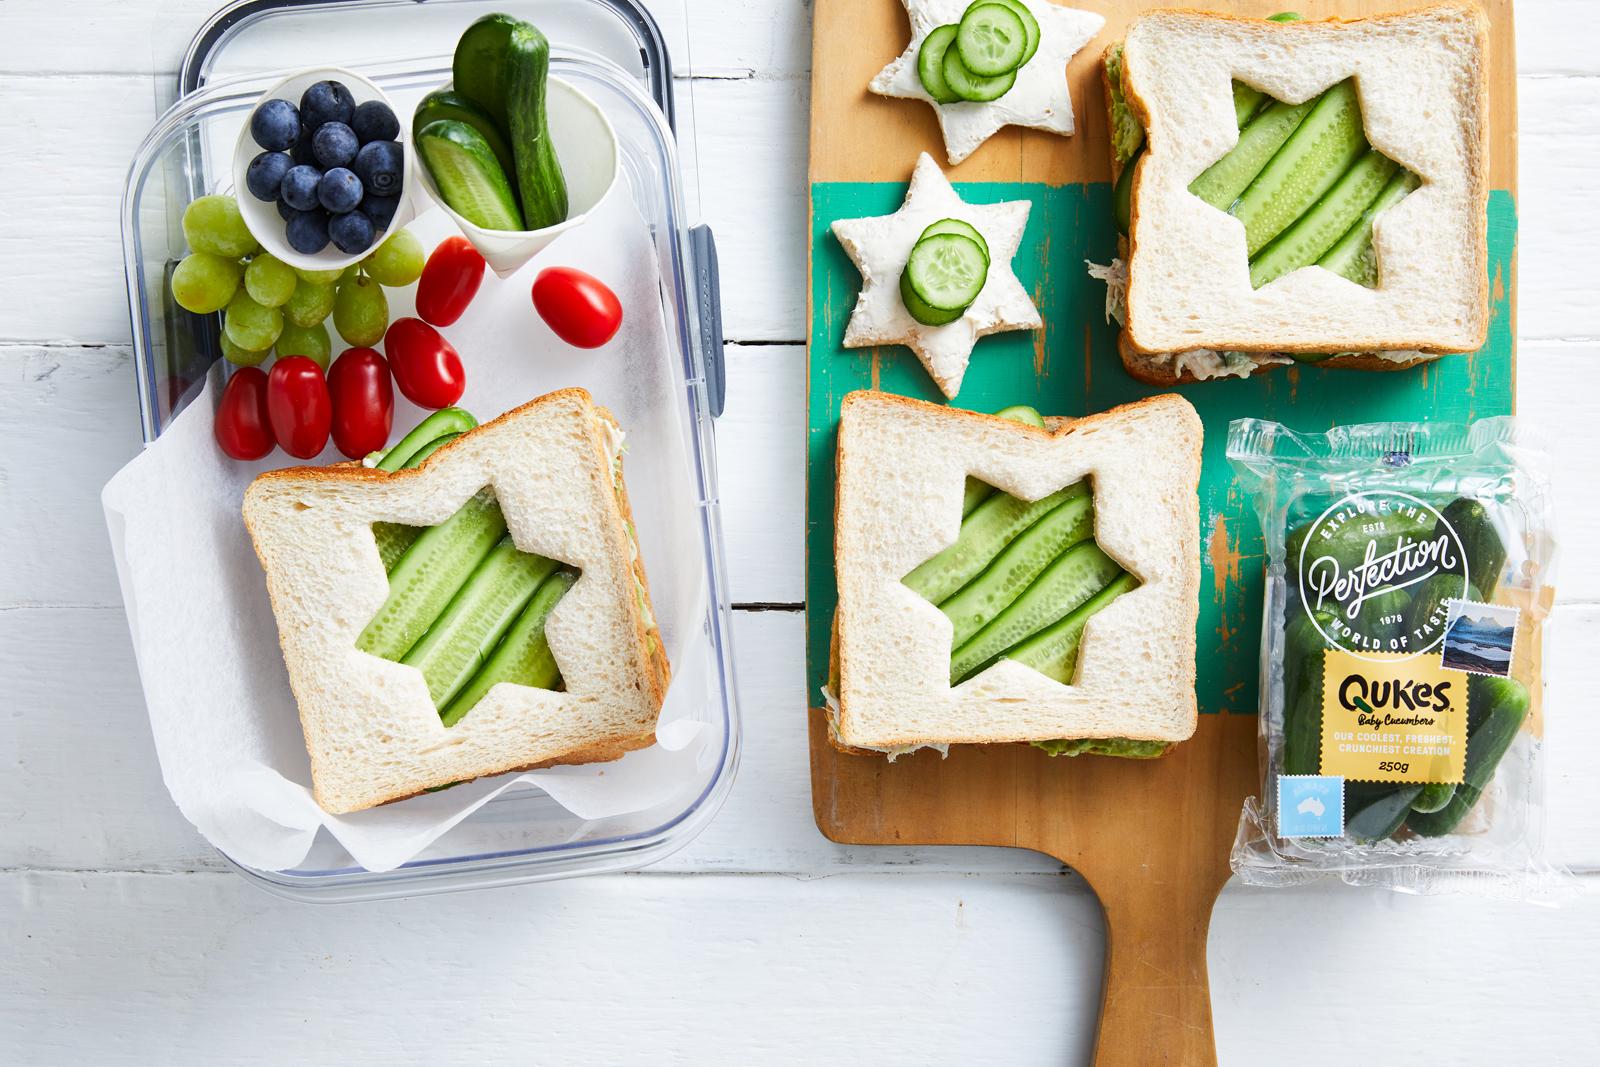 Recipe Qukes Star Sandwiches